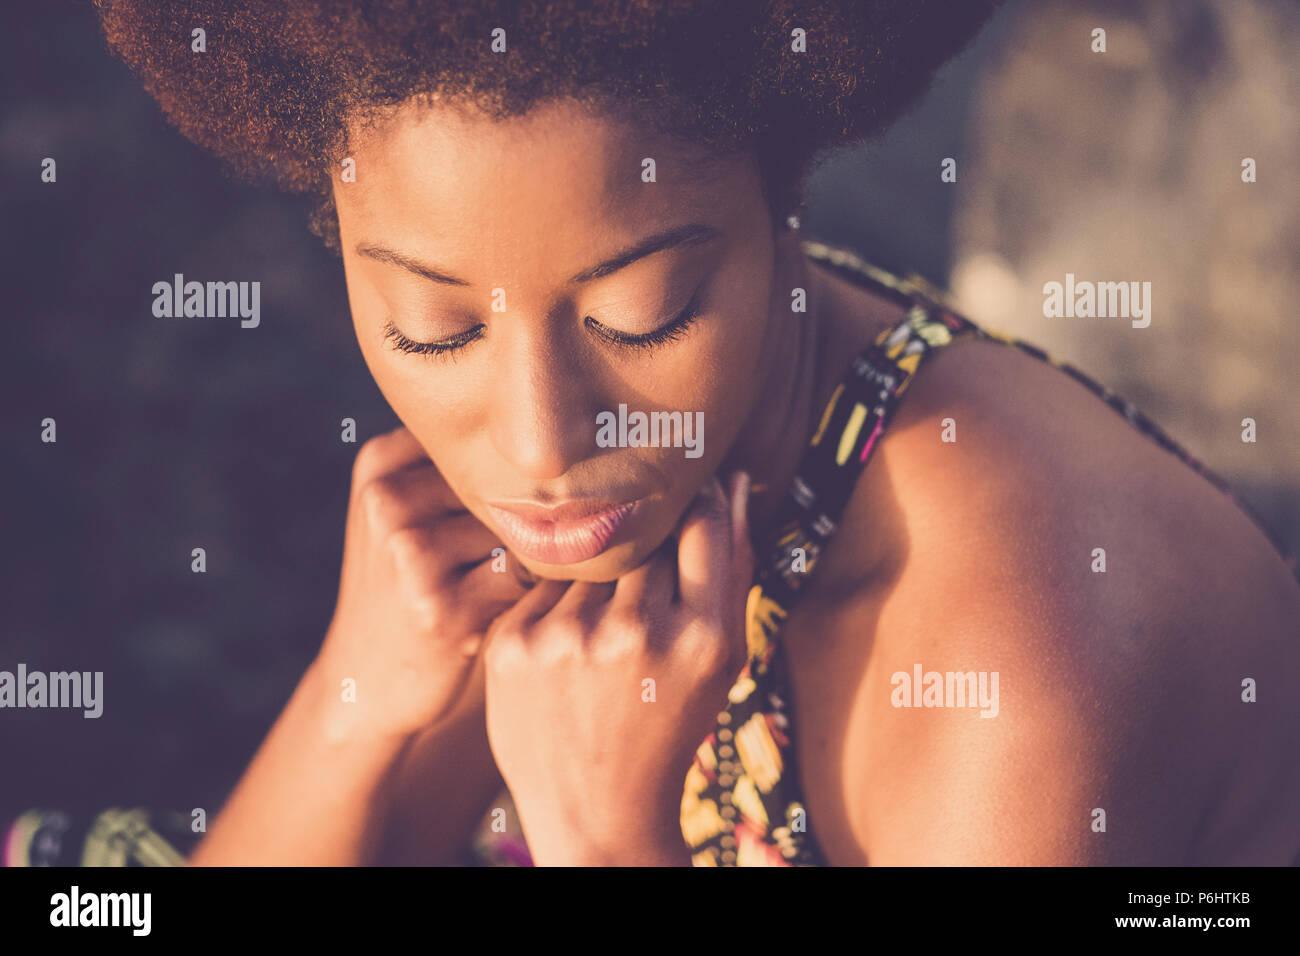 Schönen schwarzen Rasse afrikanische afro Haar Modell mit geschlossenen Augen und mit der Hand auf dem Gesicht Pose unter dem Sonnenlicht. Schönheit Konzept für schwarze Haut und an Stockbild